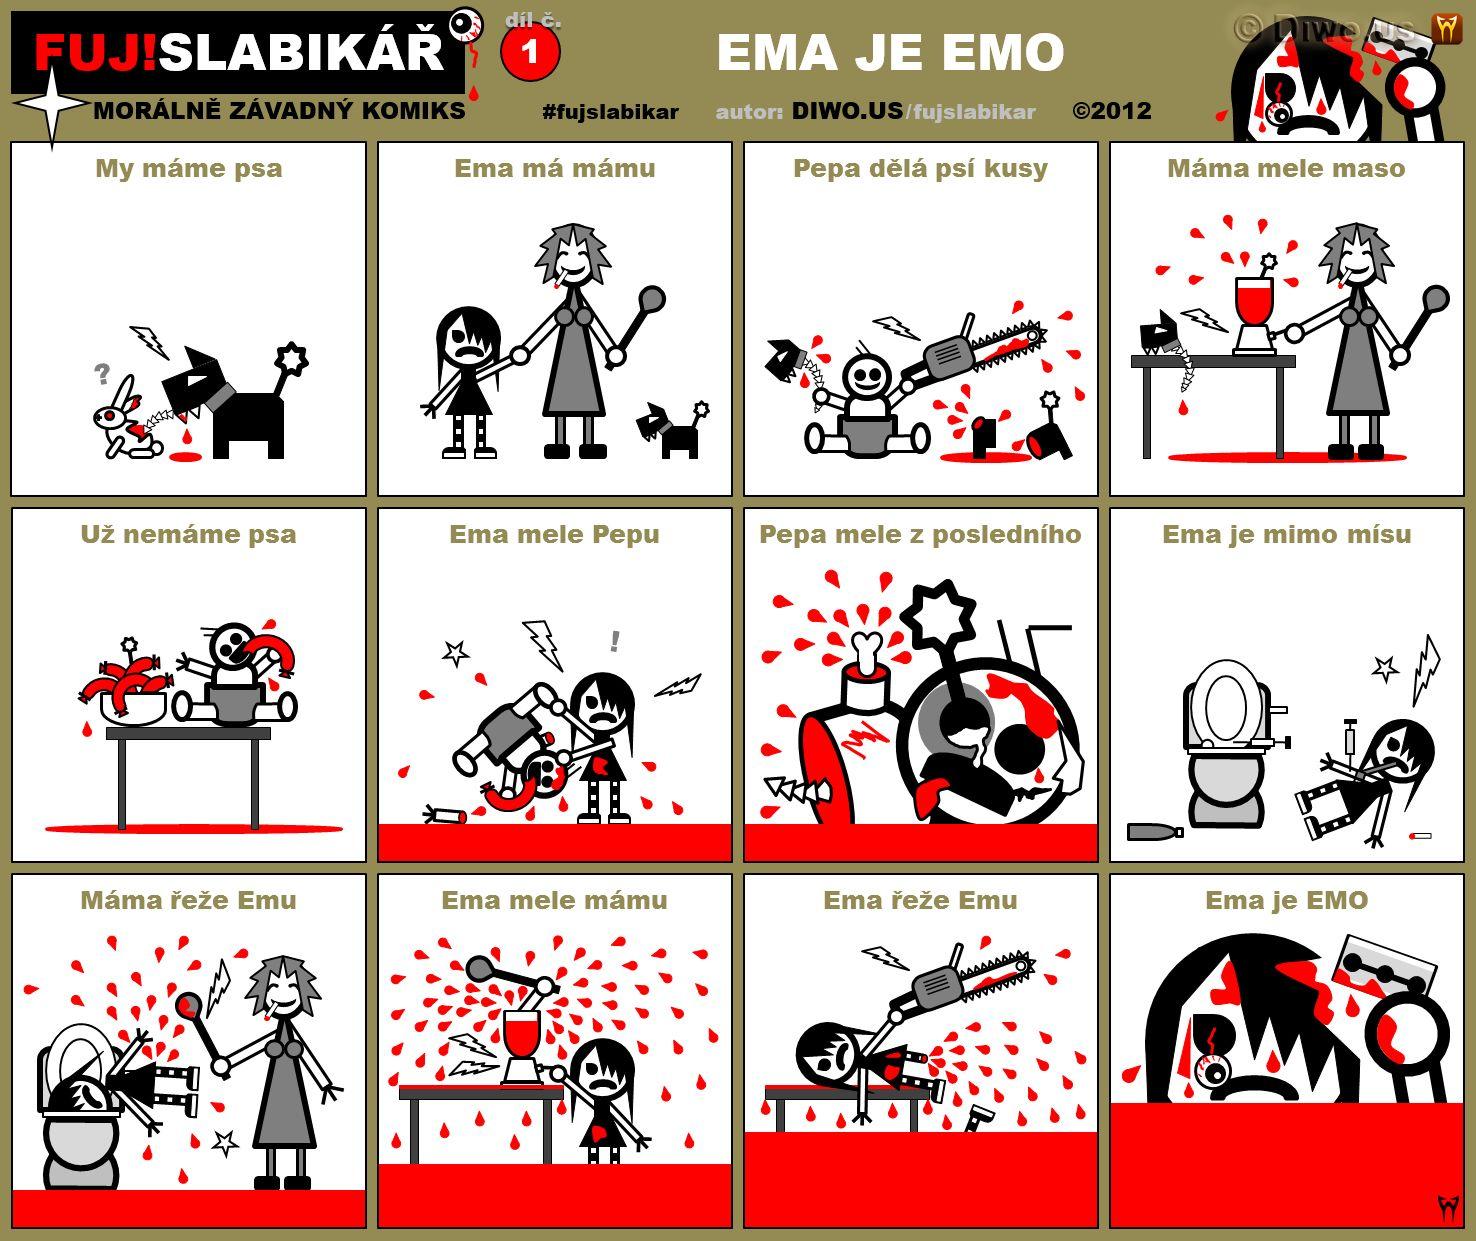 Diwous - FUJ!SLABIKÁŘ - díl 1. - Ema je emo, mele mámu, mimo mísu, psí kusy, sebepoškozování, žiletka, motorovka, vařečka, krvák, hajzl, jelito, černý humor, toaletní mísa, mixér, páteř, záchod, smažka, injekční stříkačka, krev, kuchyňský robot, marihuana